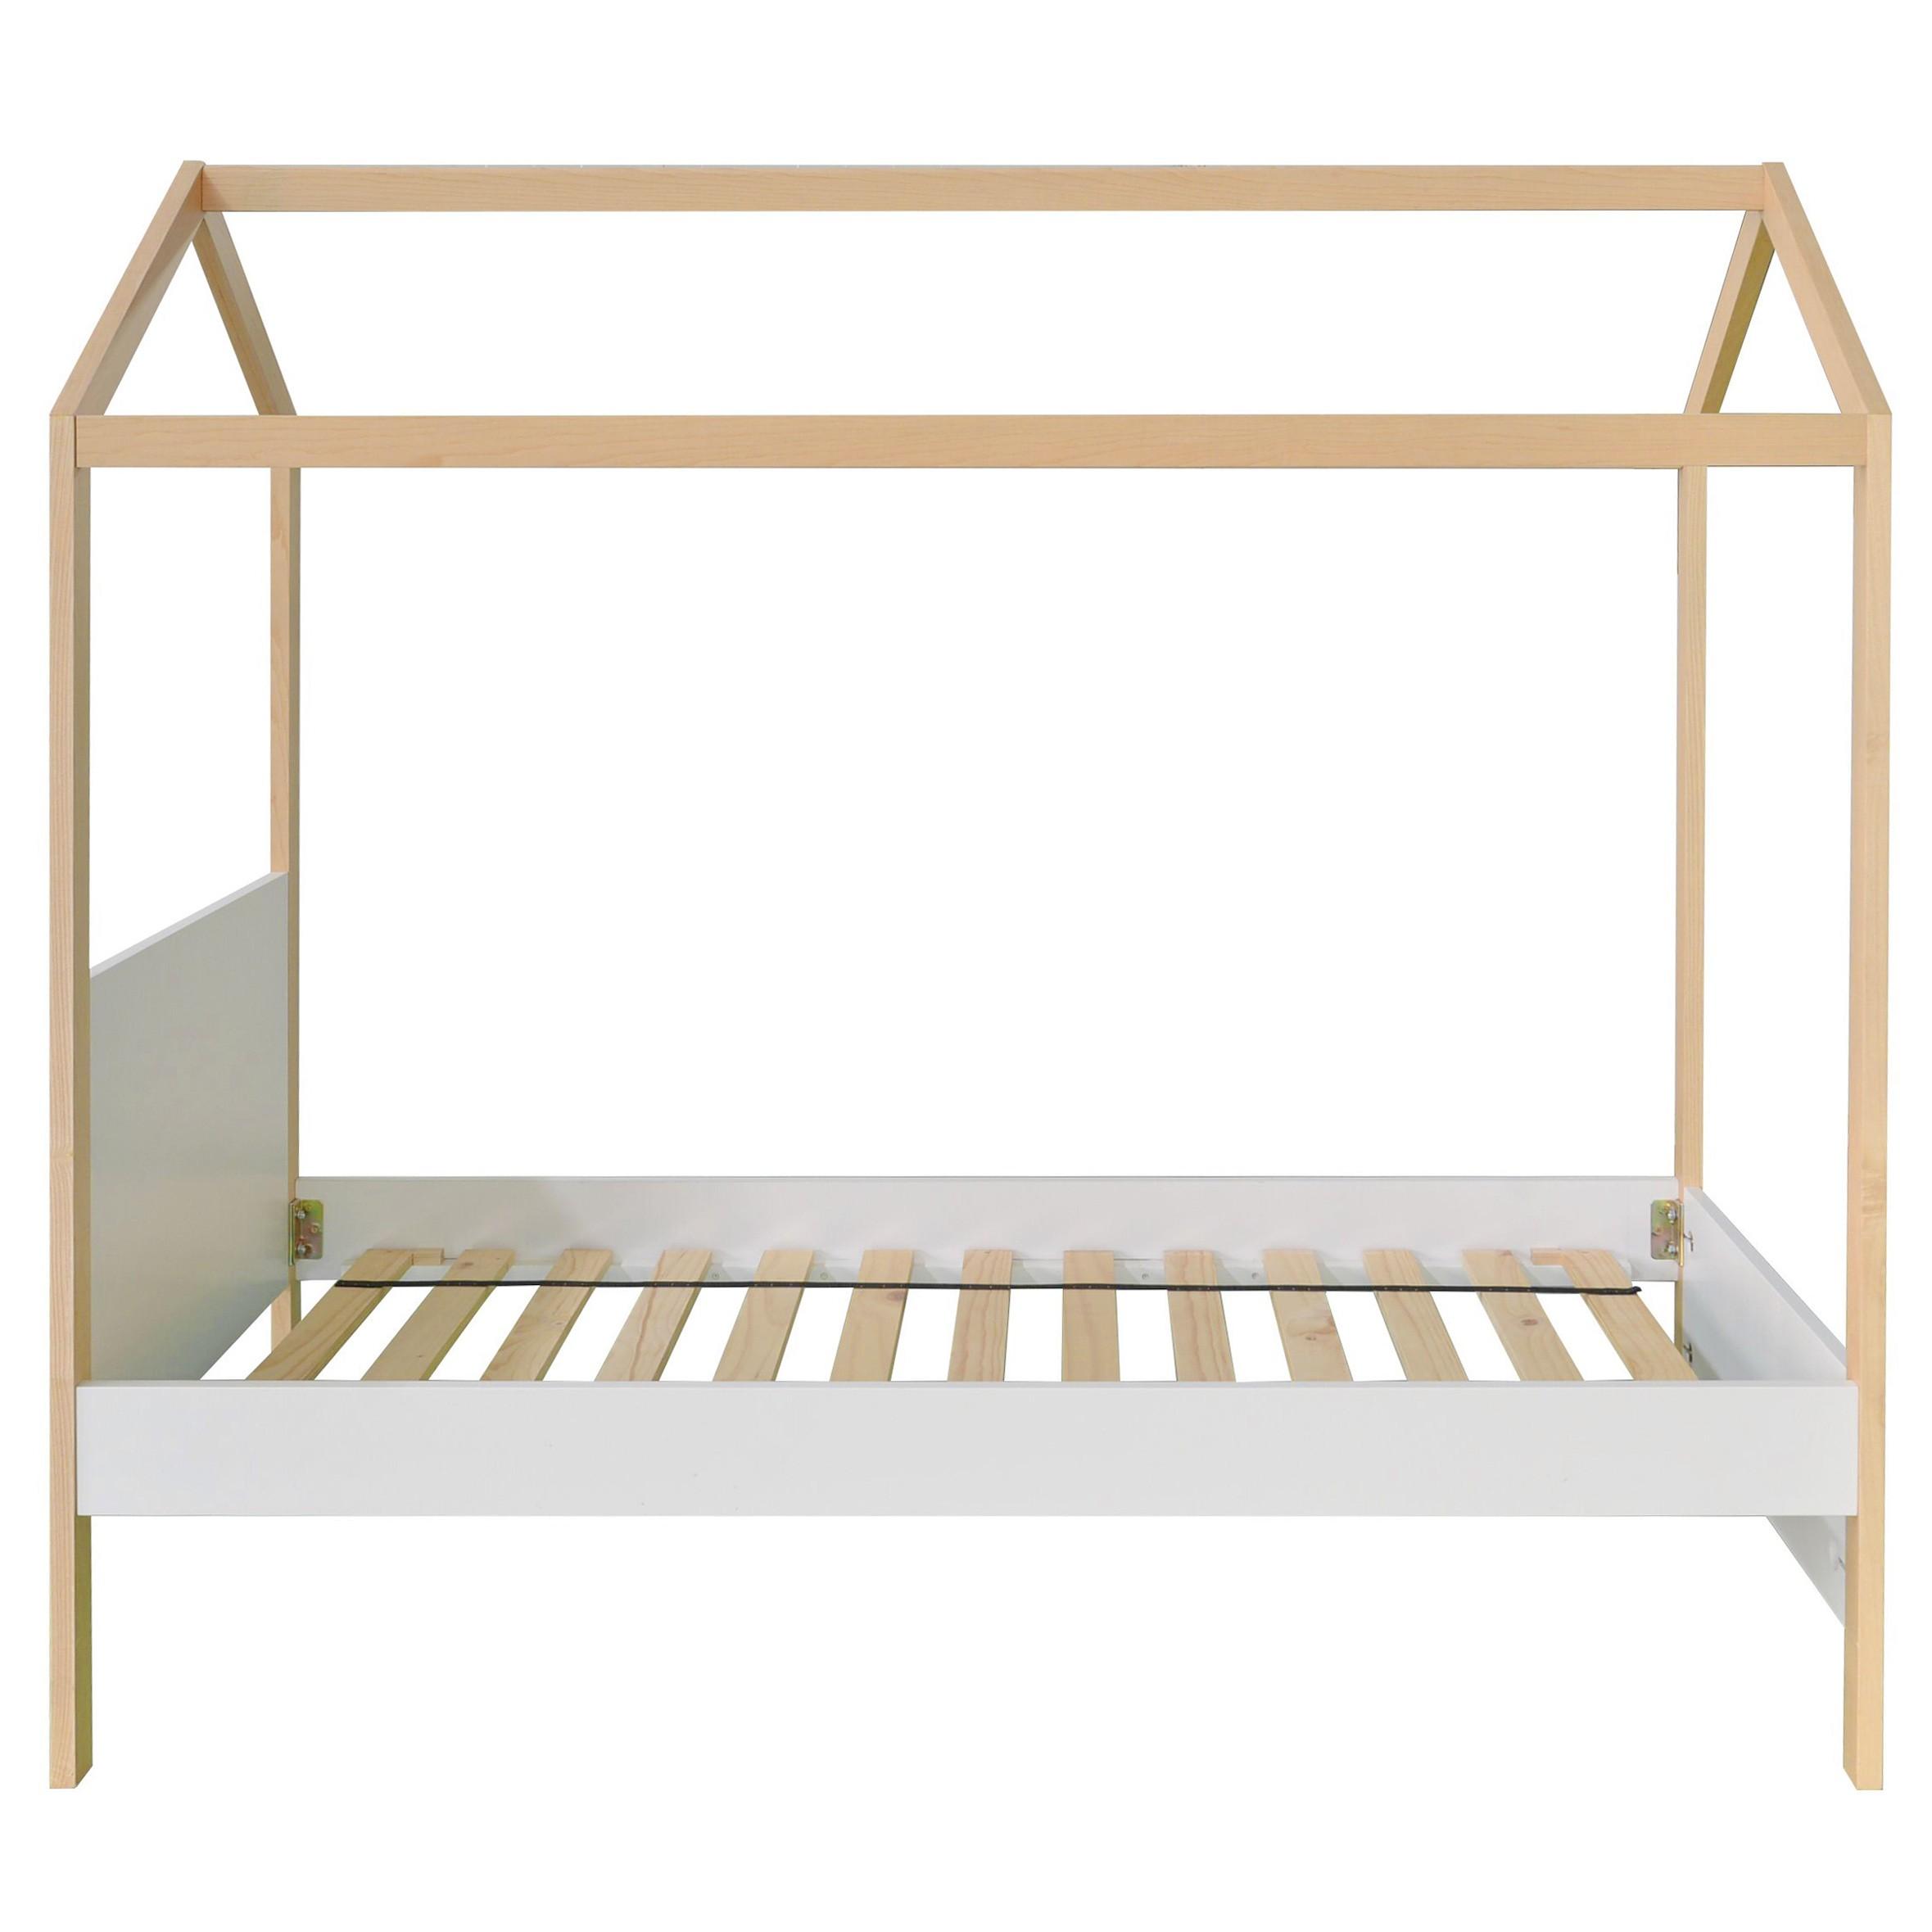 Honiton Canopy Bed, Single